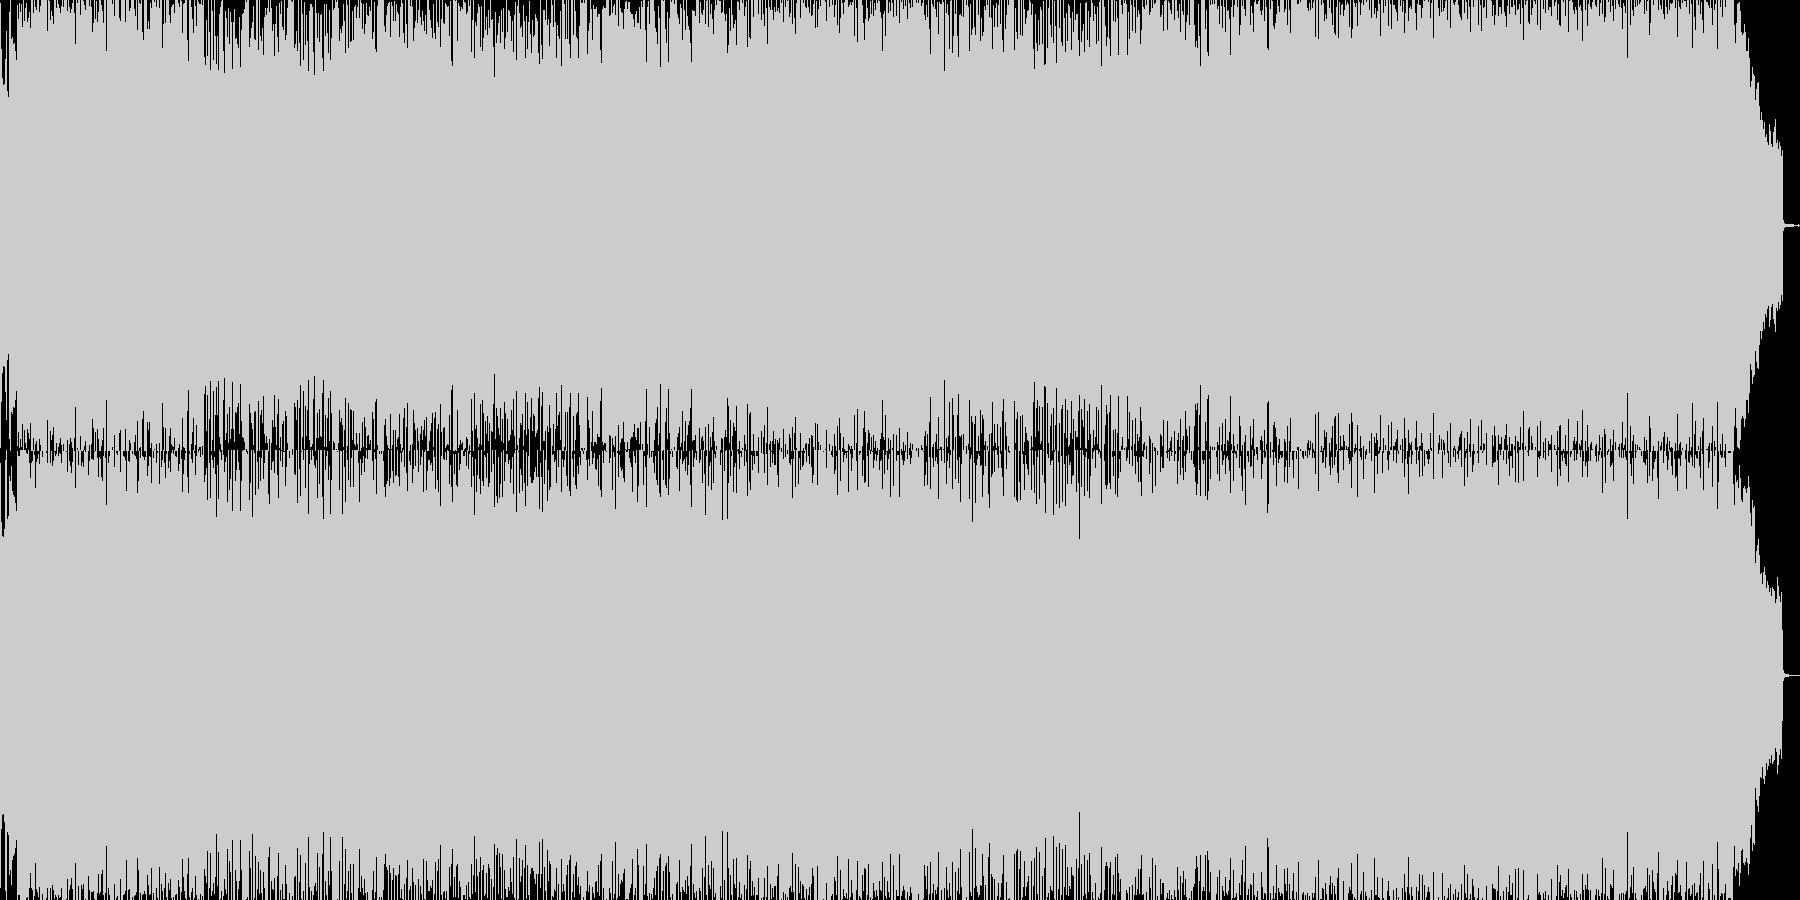 和風ゲームの戦闘BGMに適したロック曲…の未再生の波形